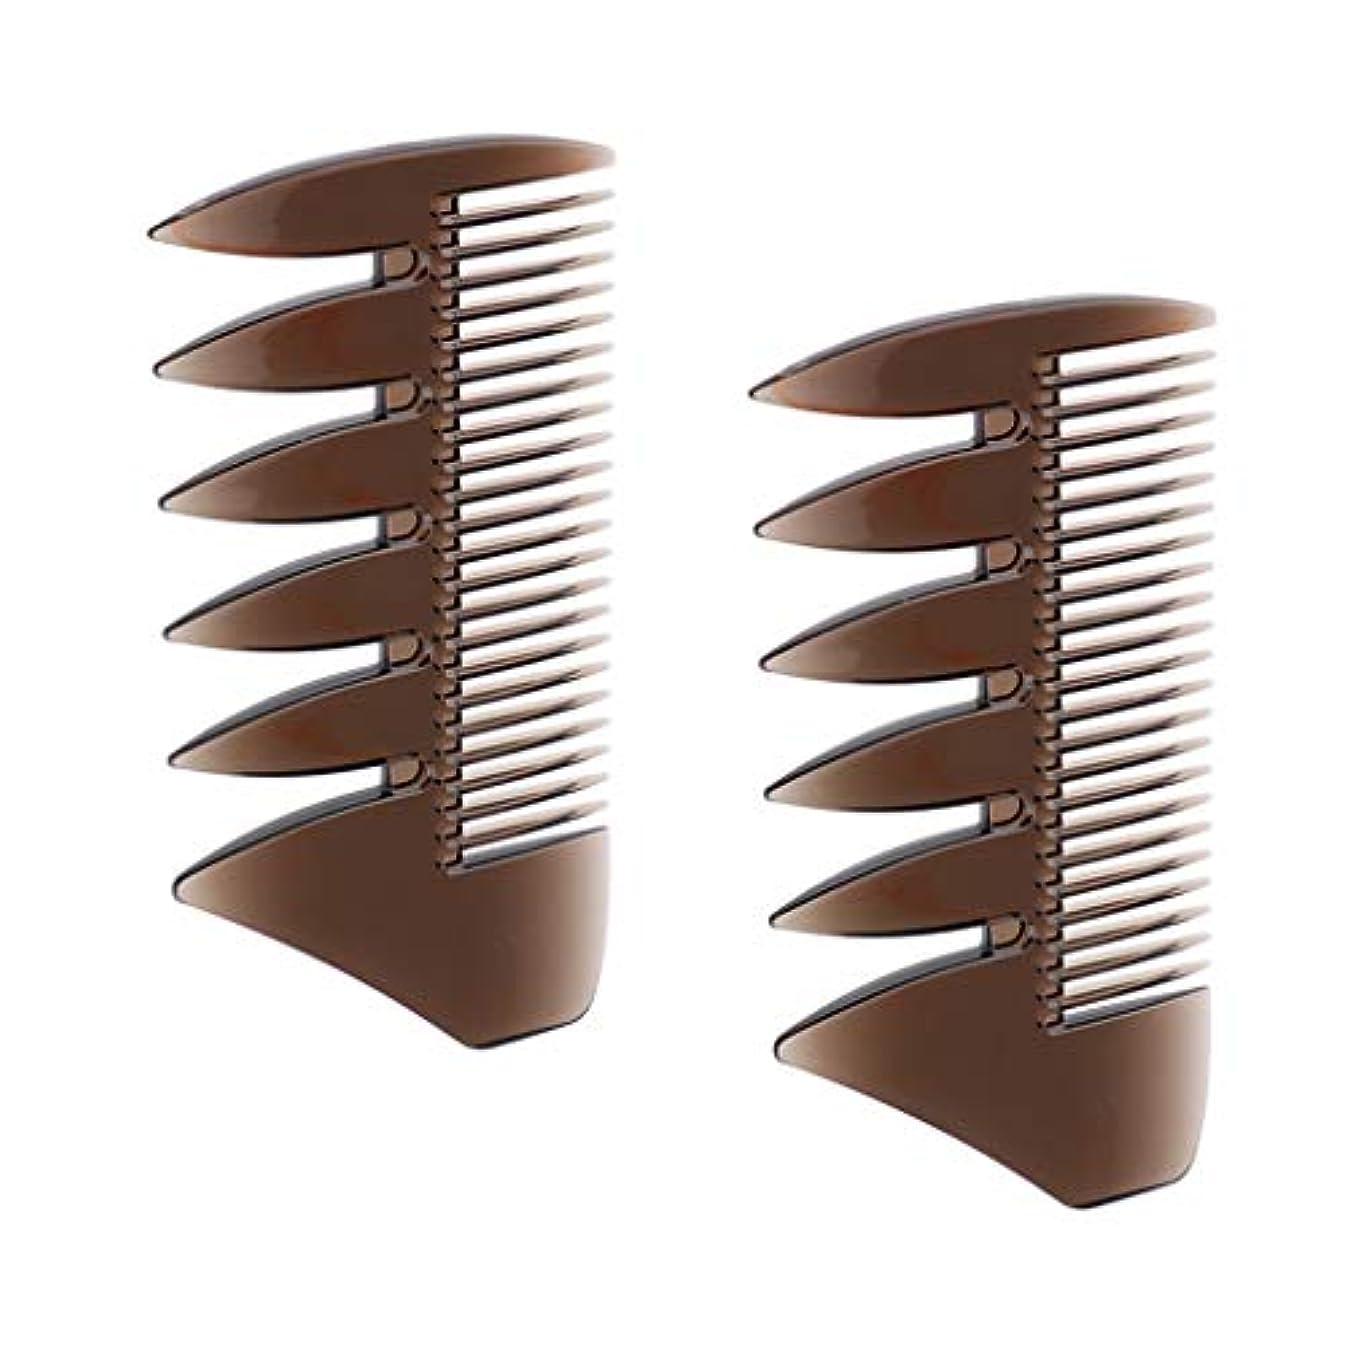 テープアークサッカー2個 ヘアコンビ デュアルサイド メンズ オイルの髪 櫛 ヘアサロン ヘアスタイリング